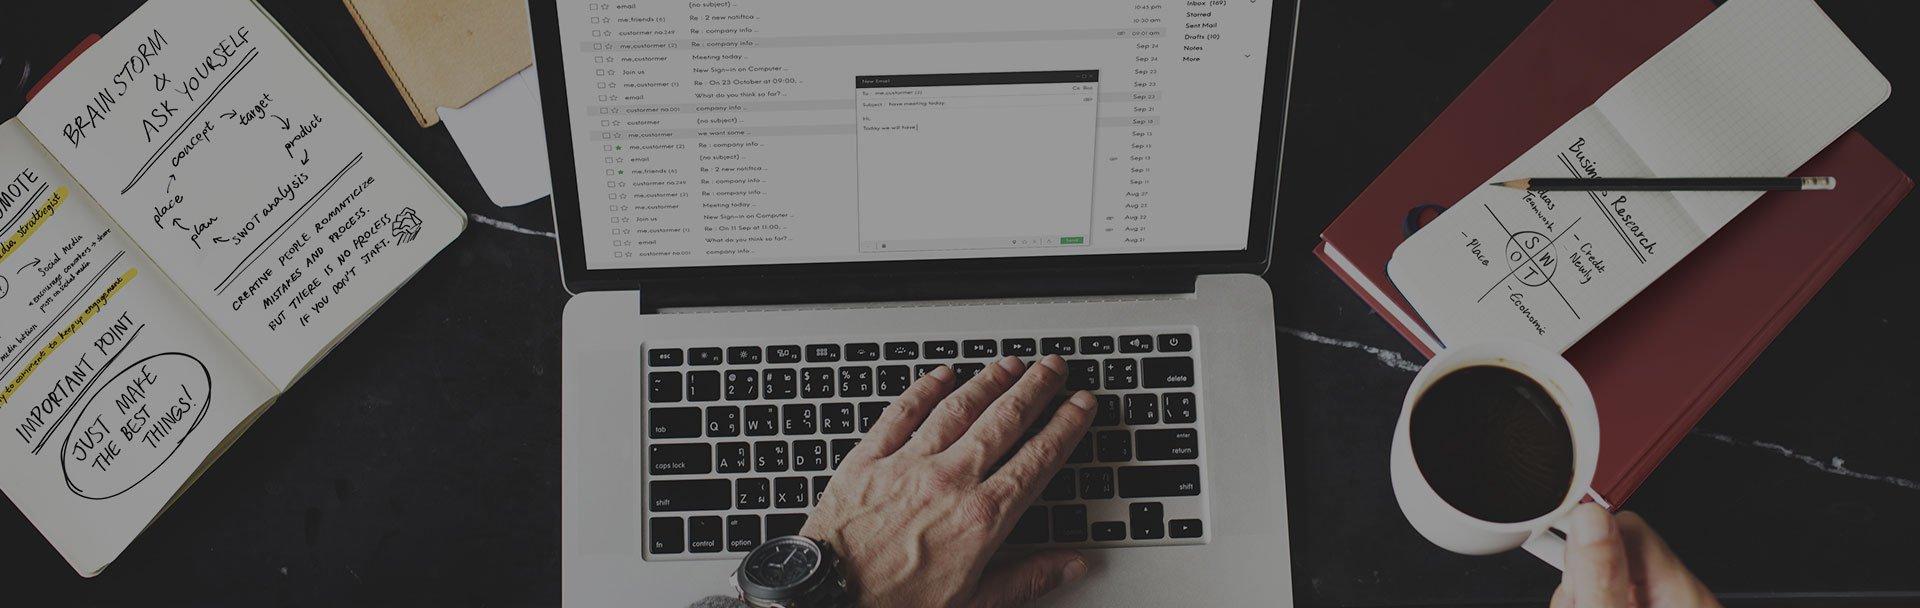 solucionweb-banner-blog-Tres-consejos--para-una-campaña-exitosa-de-Email-marketing.jpg